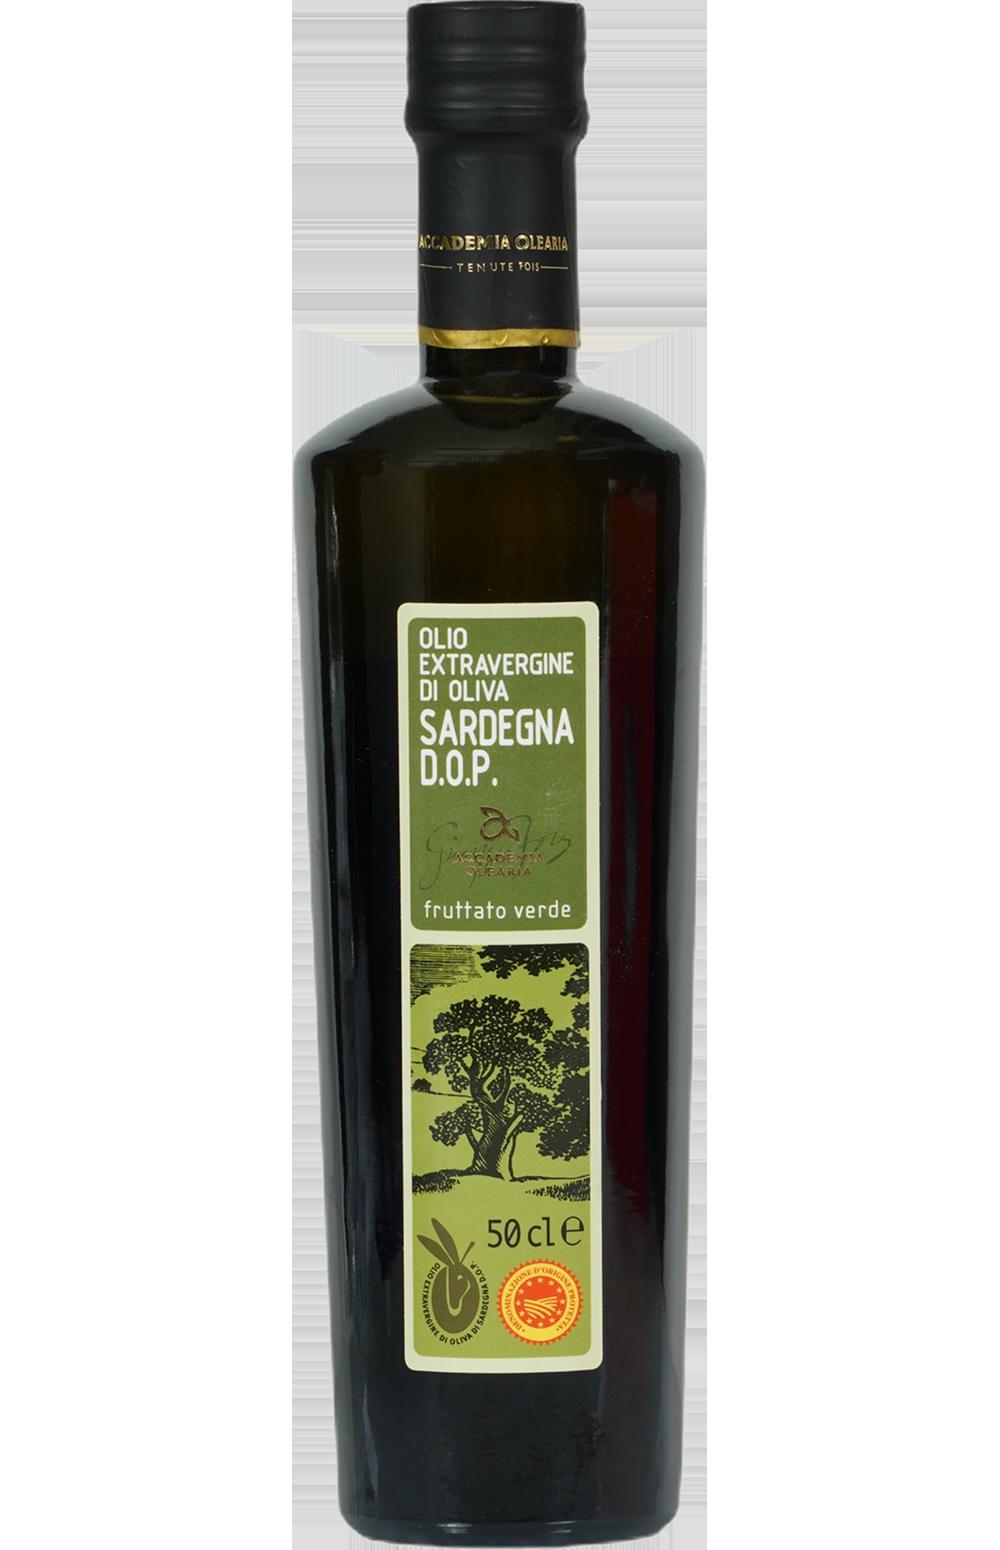 Olio Extravergine di Oliva Sardegna D.O.P